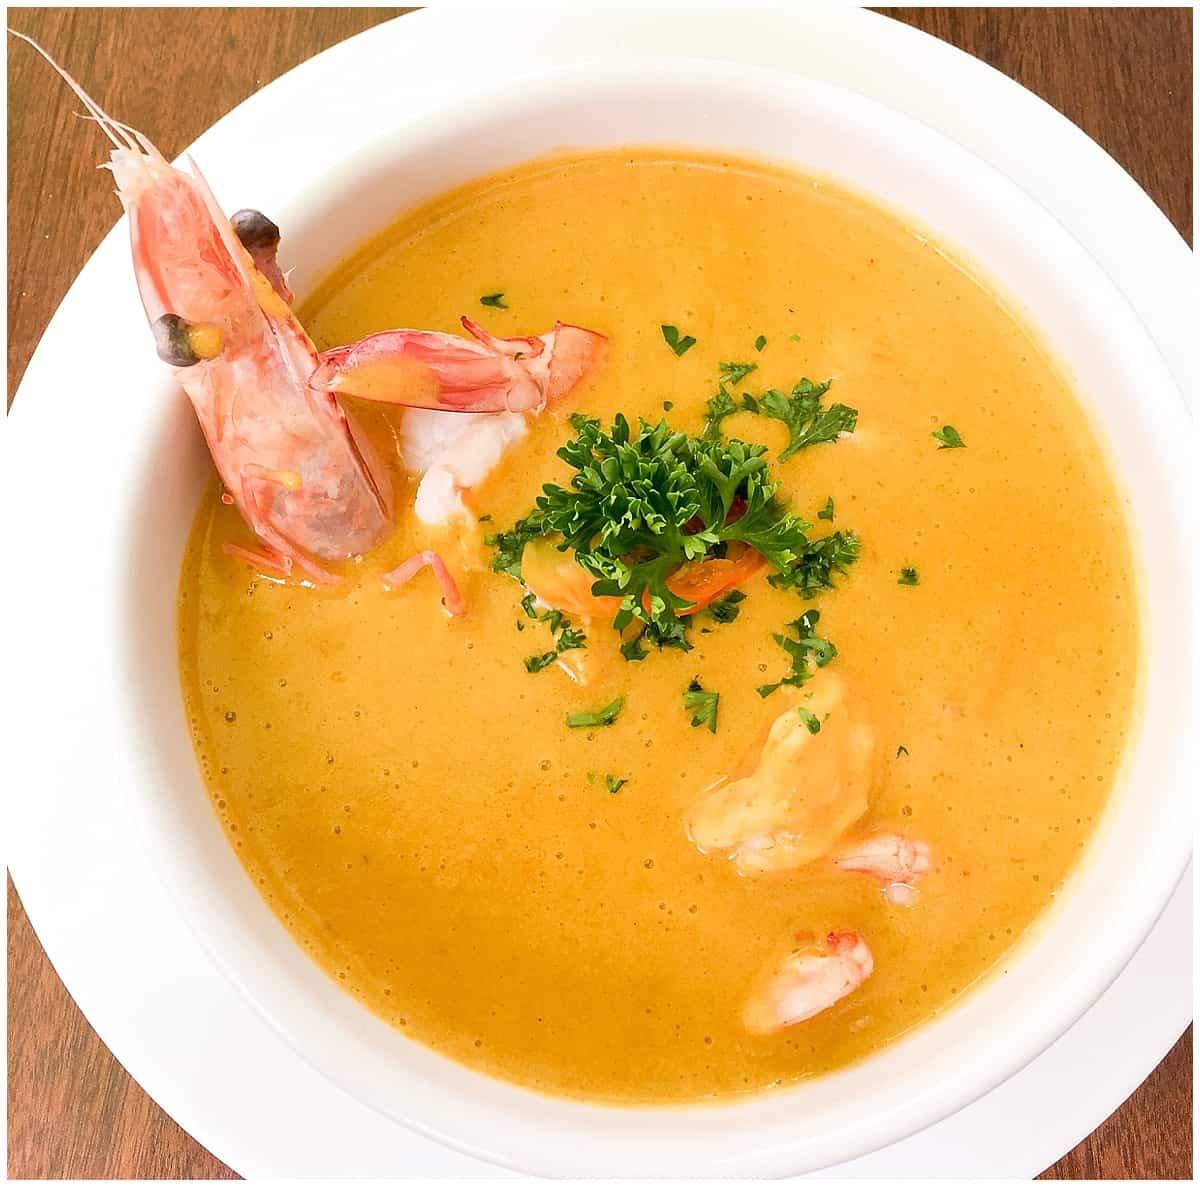 Orange soup in Quito Ecuador